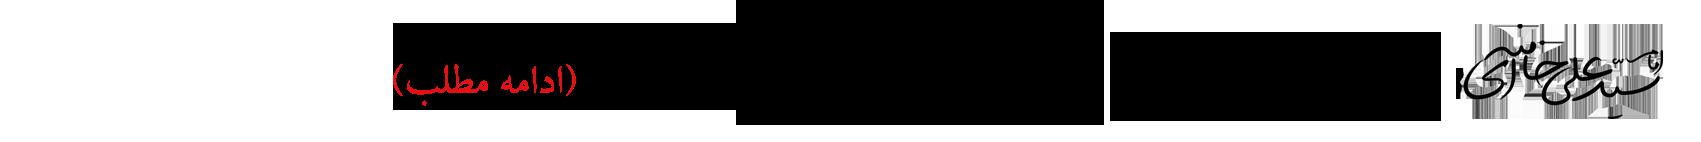 سایت بیانات قرآنی مقام معظم رهبری